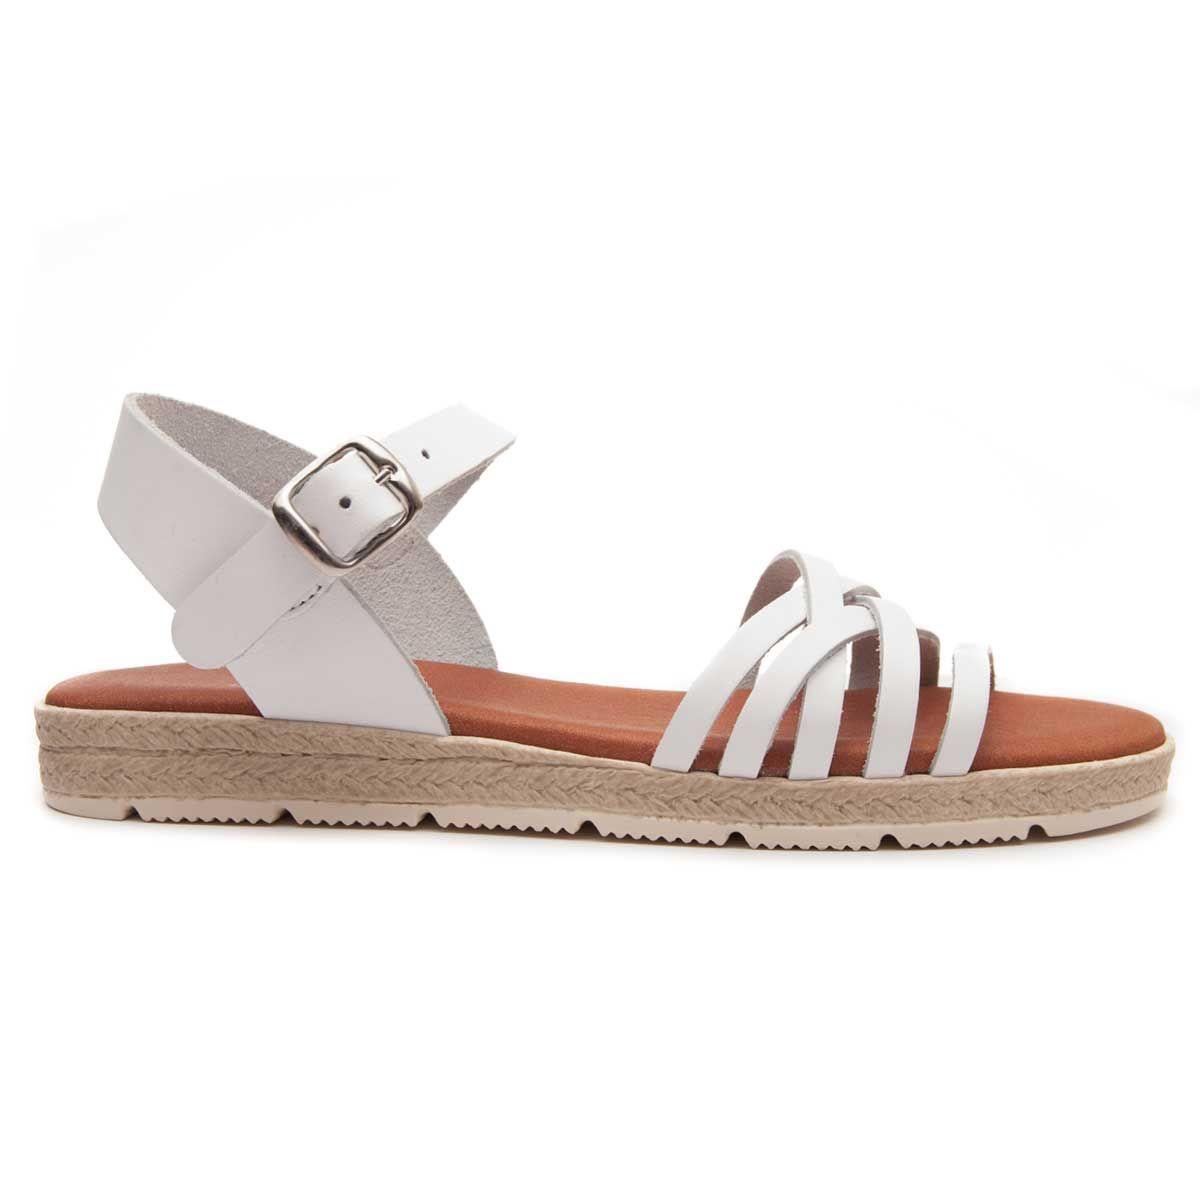 Leindia Strappy Sandal in White